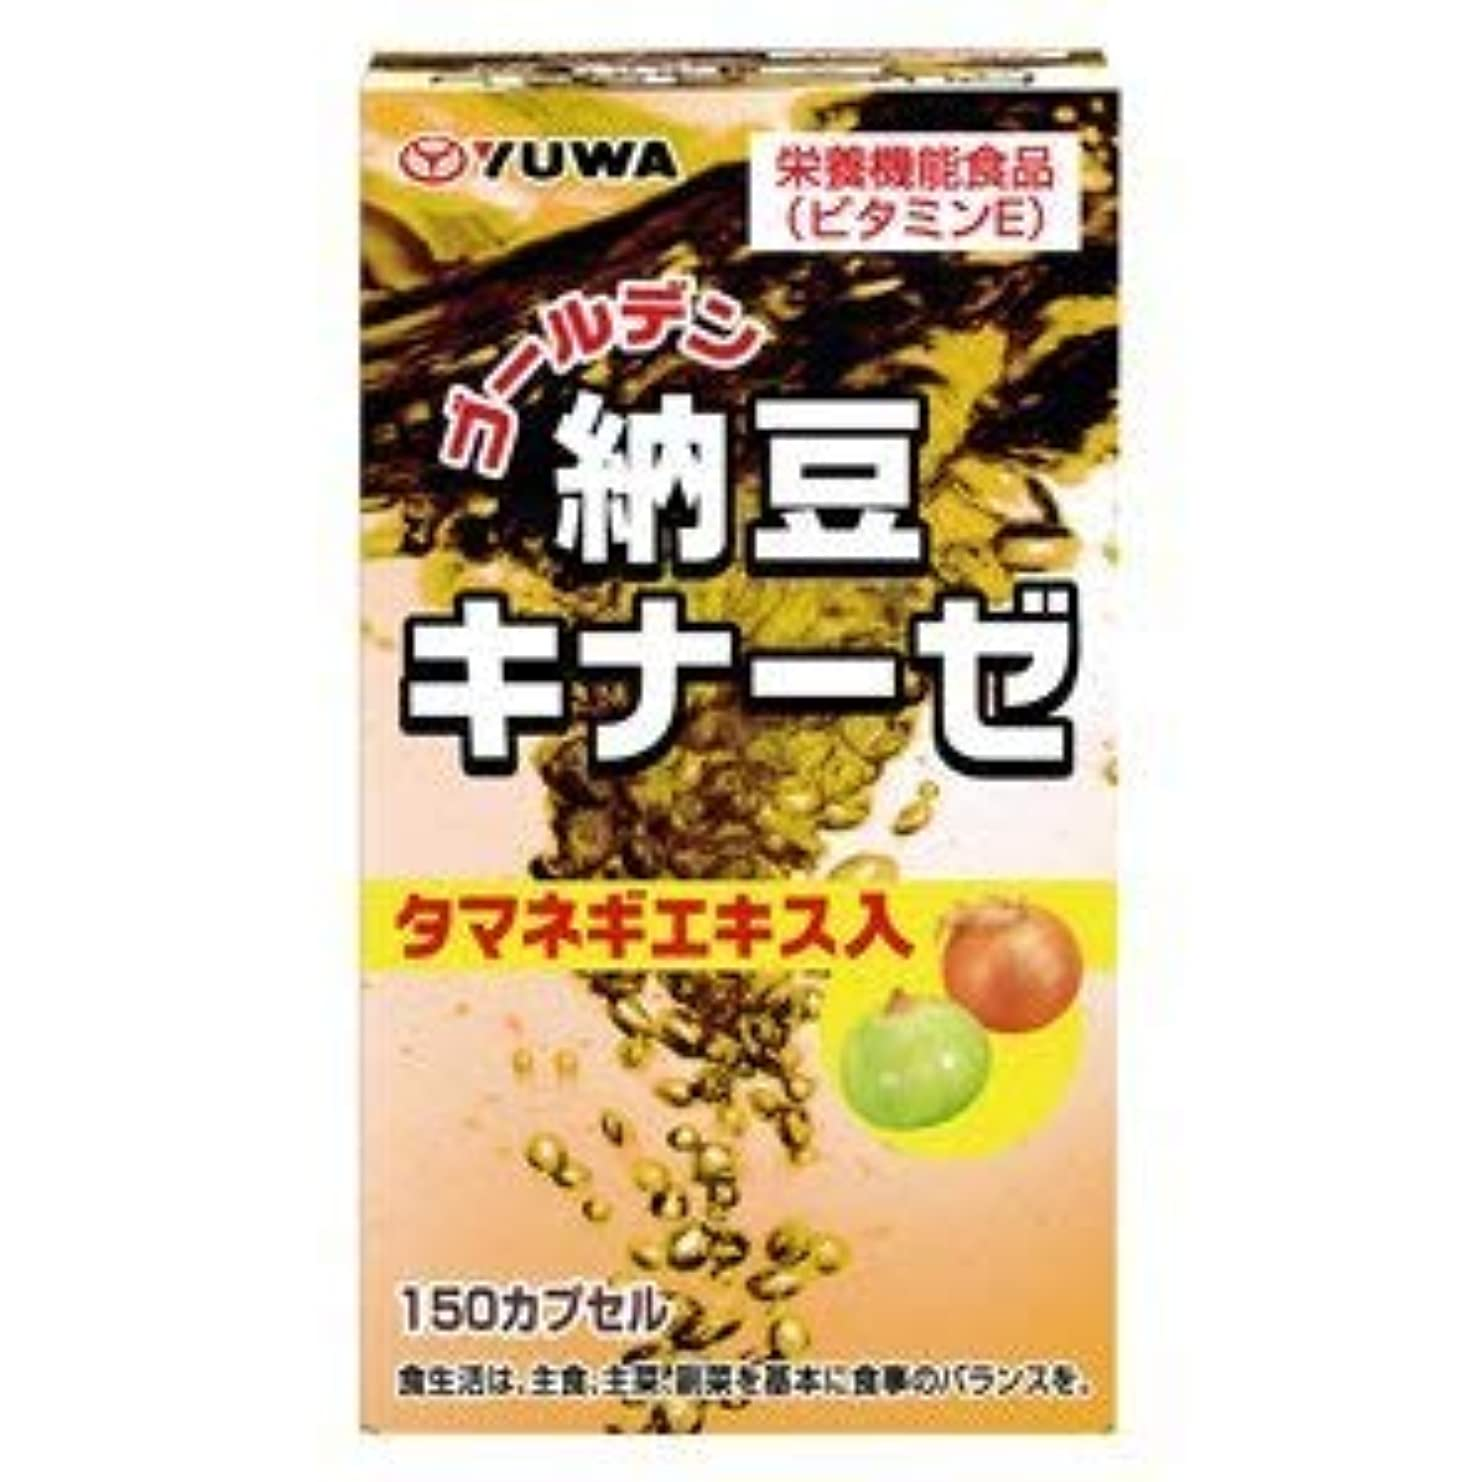 メジャー洗剤カプラーユーワ ゴールデン納豆キナーゼ 150カプセル × 20個セット